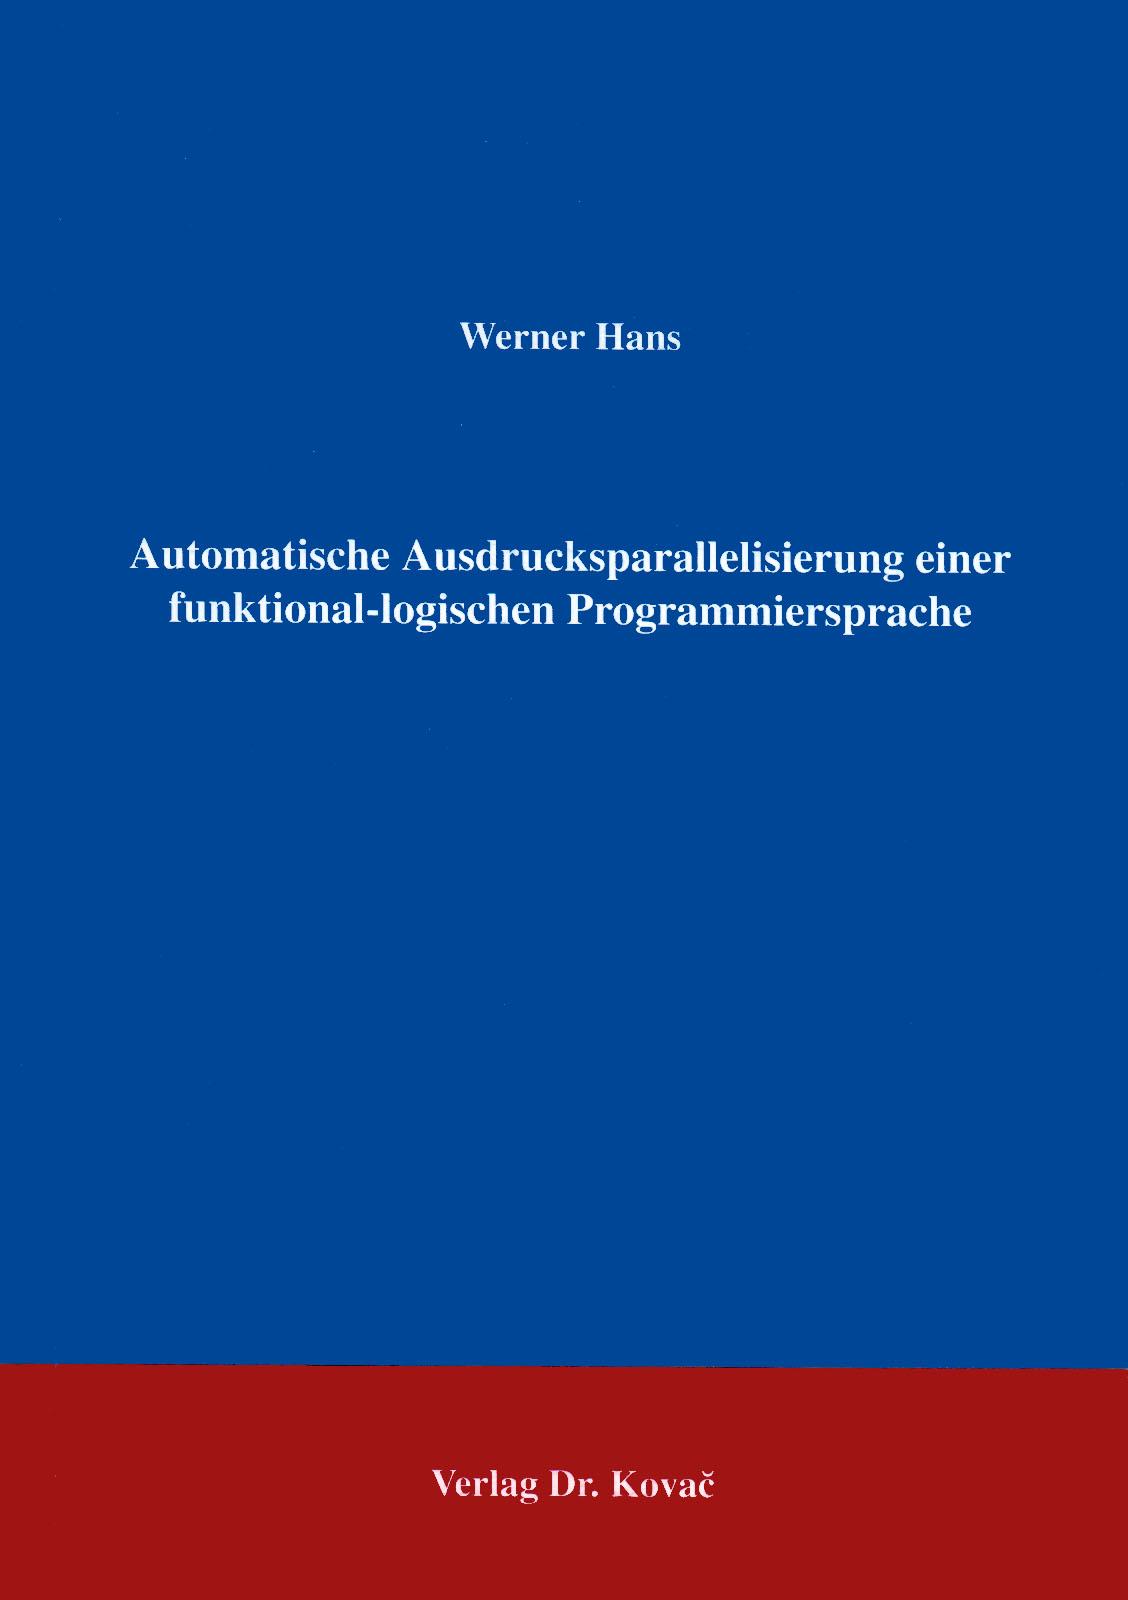 Cover: Automatische Ausdrucksparallelisierung einer funktional-logischen Programmiersprache